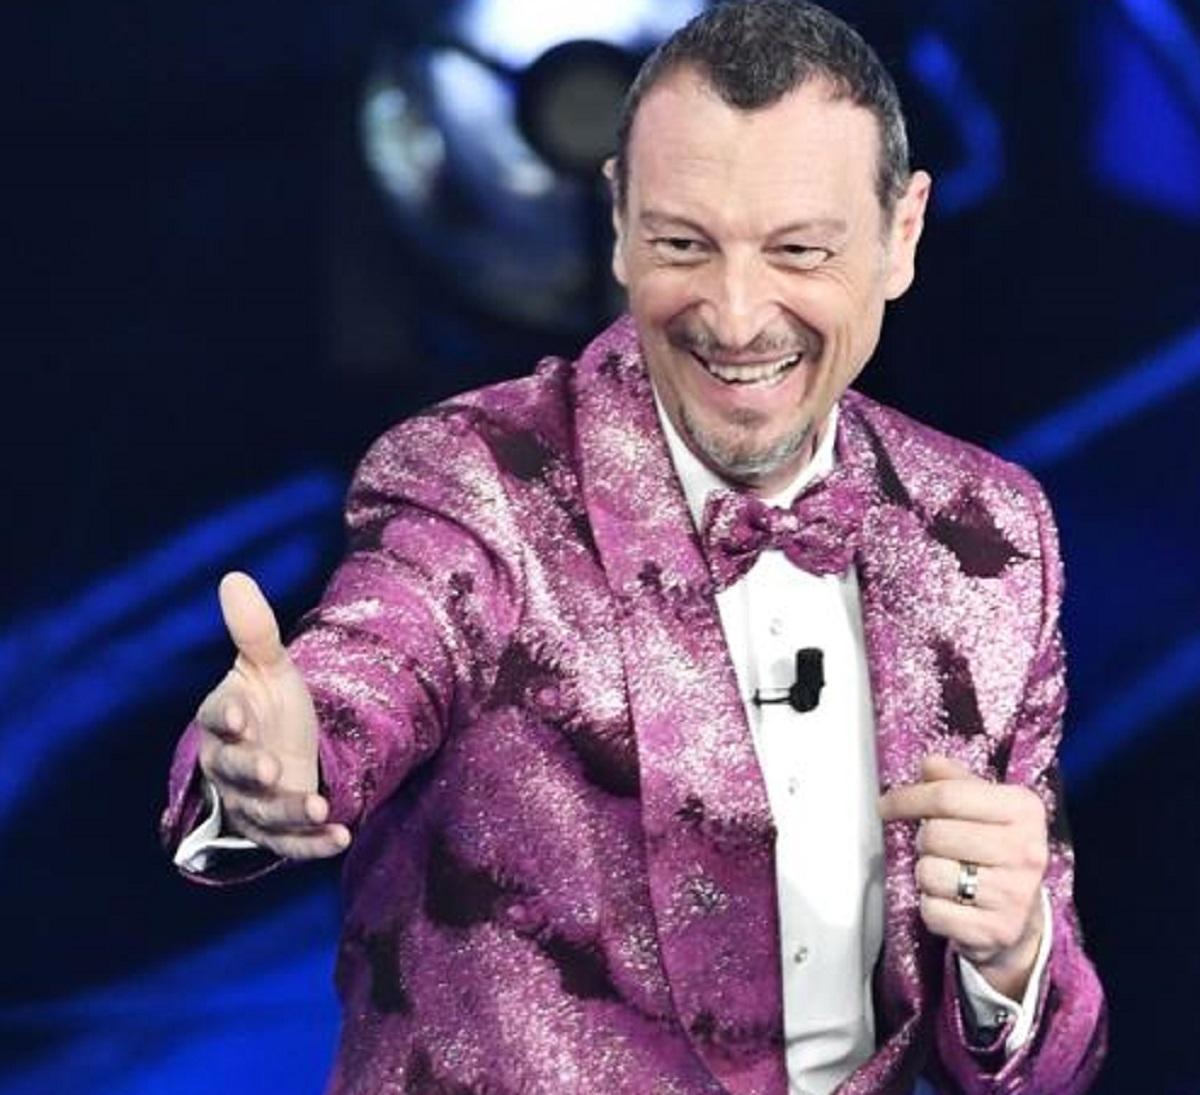 Amadeus Sanremo 2022 indiscrezione co-conduttore Marcell Jacobs